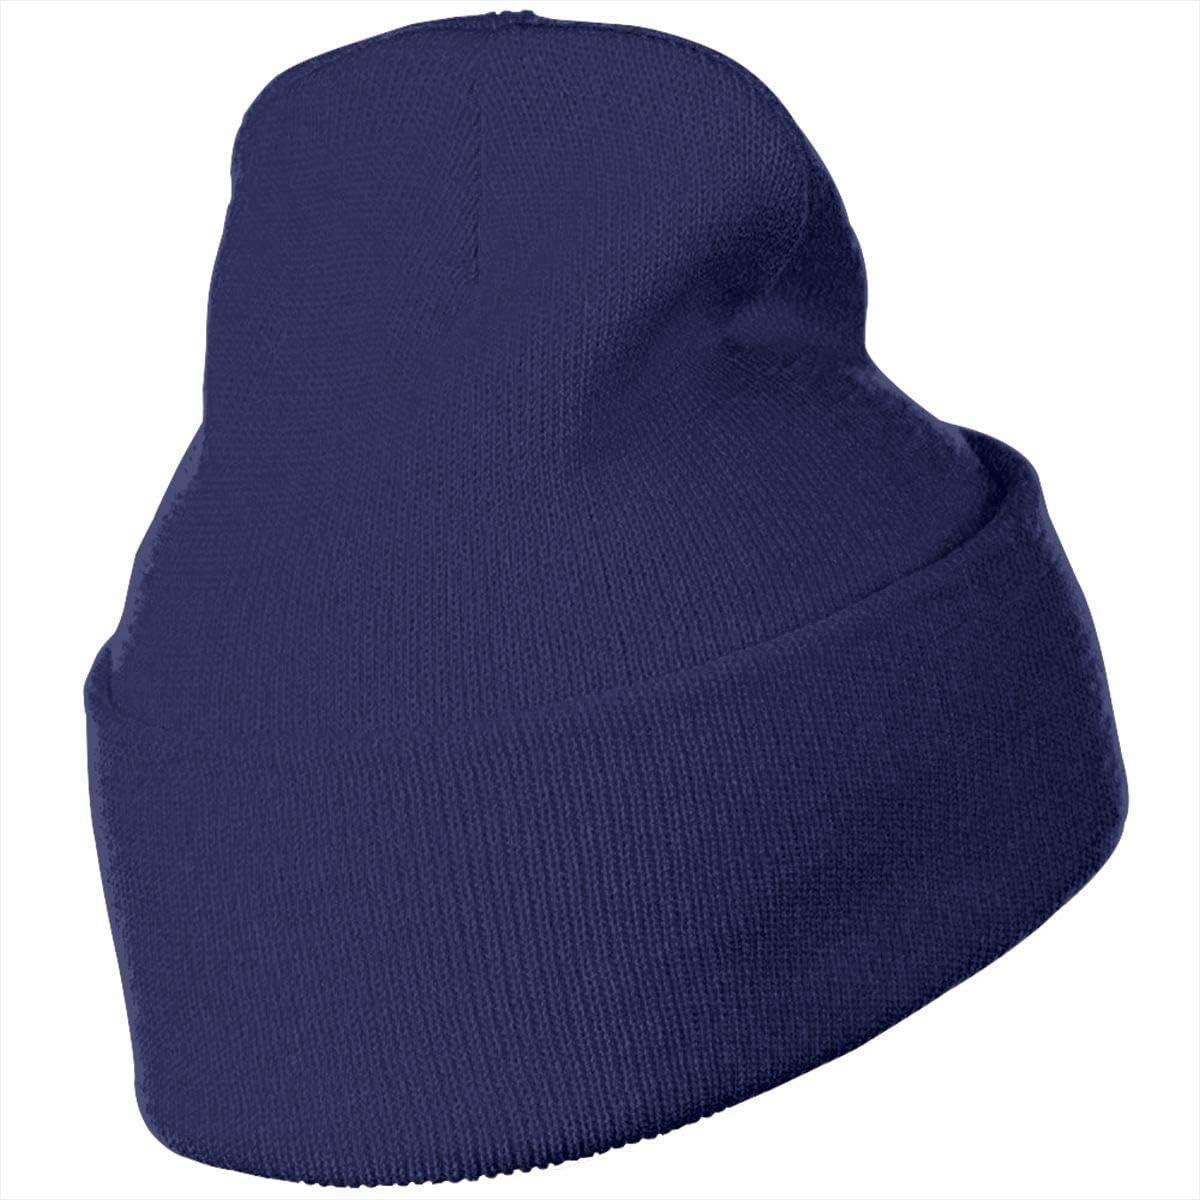 Puerto Rico Resiste Boricua Flag Se Levanta Soft Skull Beanie Mens and Womens 100/% Acrylic Knit Hat Cap